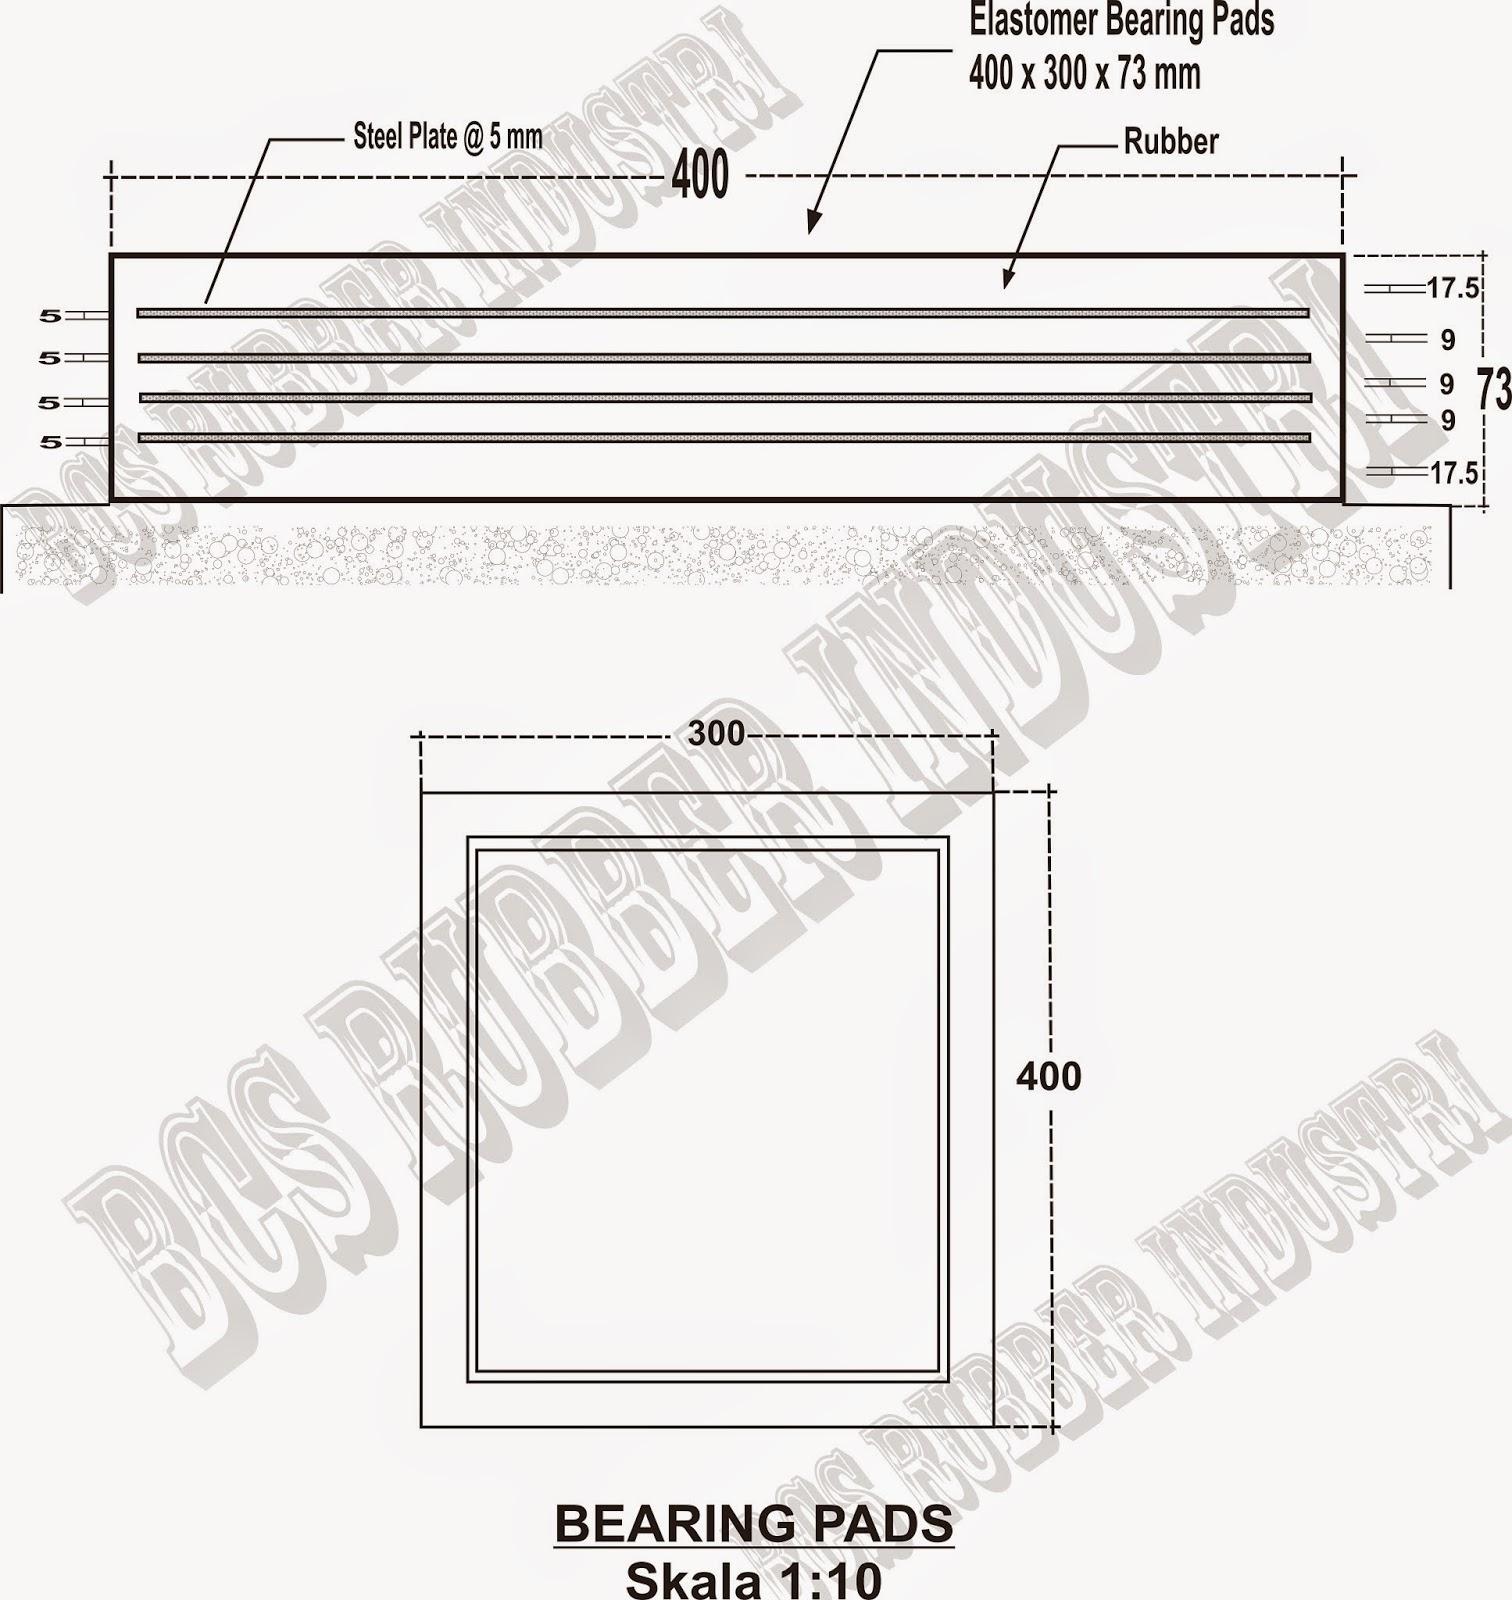 Elastomeric Bearing Pads Laminated, Elastomer Bearing Pad / Bantalan Jembatan, Elastomer Jembatan, Elastomer Jembatan dan Gedung, Elastomeric Bearing Pads,